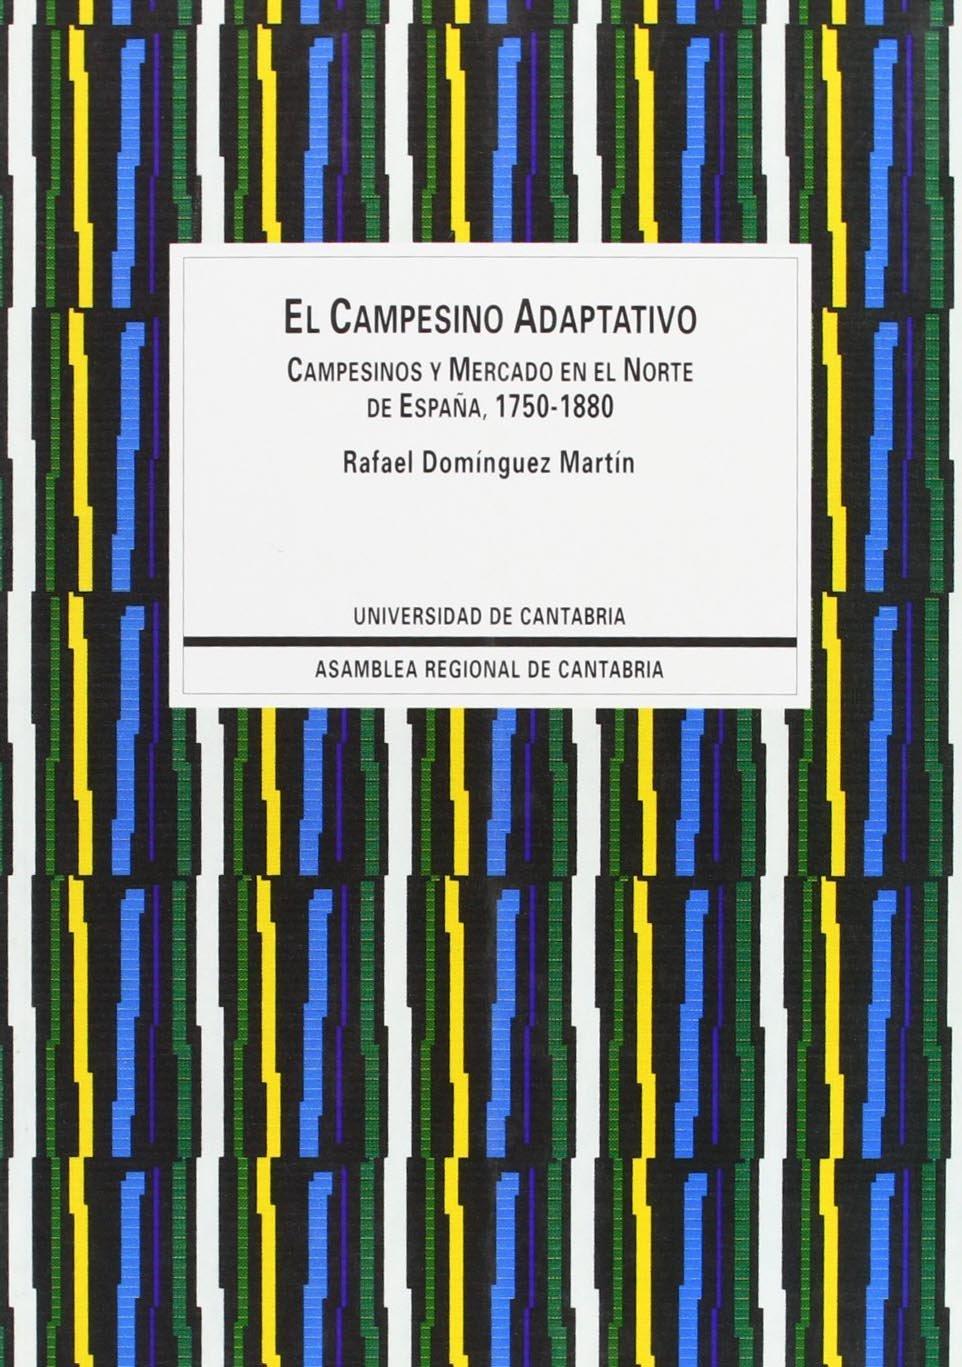 El campesino adaptativo: Campesino y mercado en el norte de España 1750-1880 : 15 Sociales: Amazon.es: Domínguez Martín, Rafael: Libros